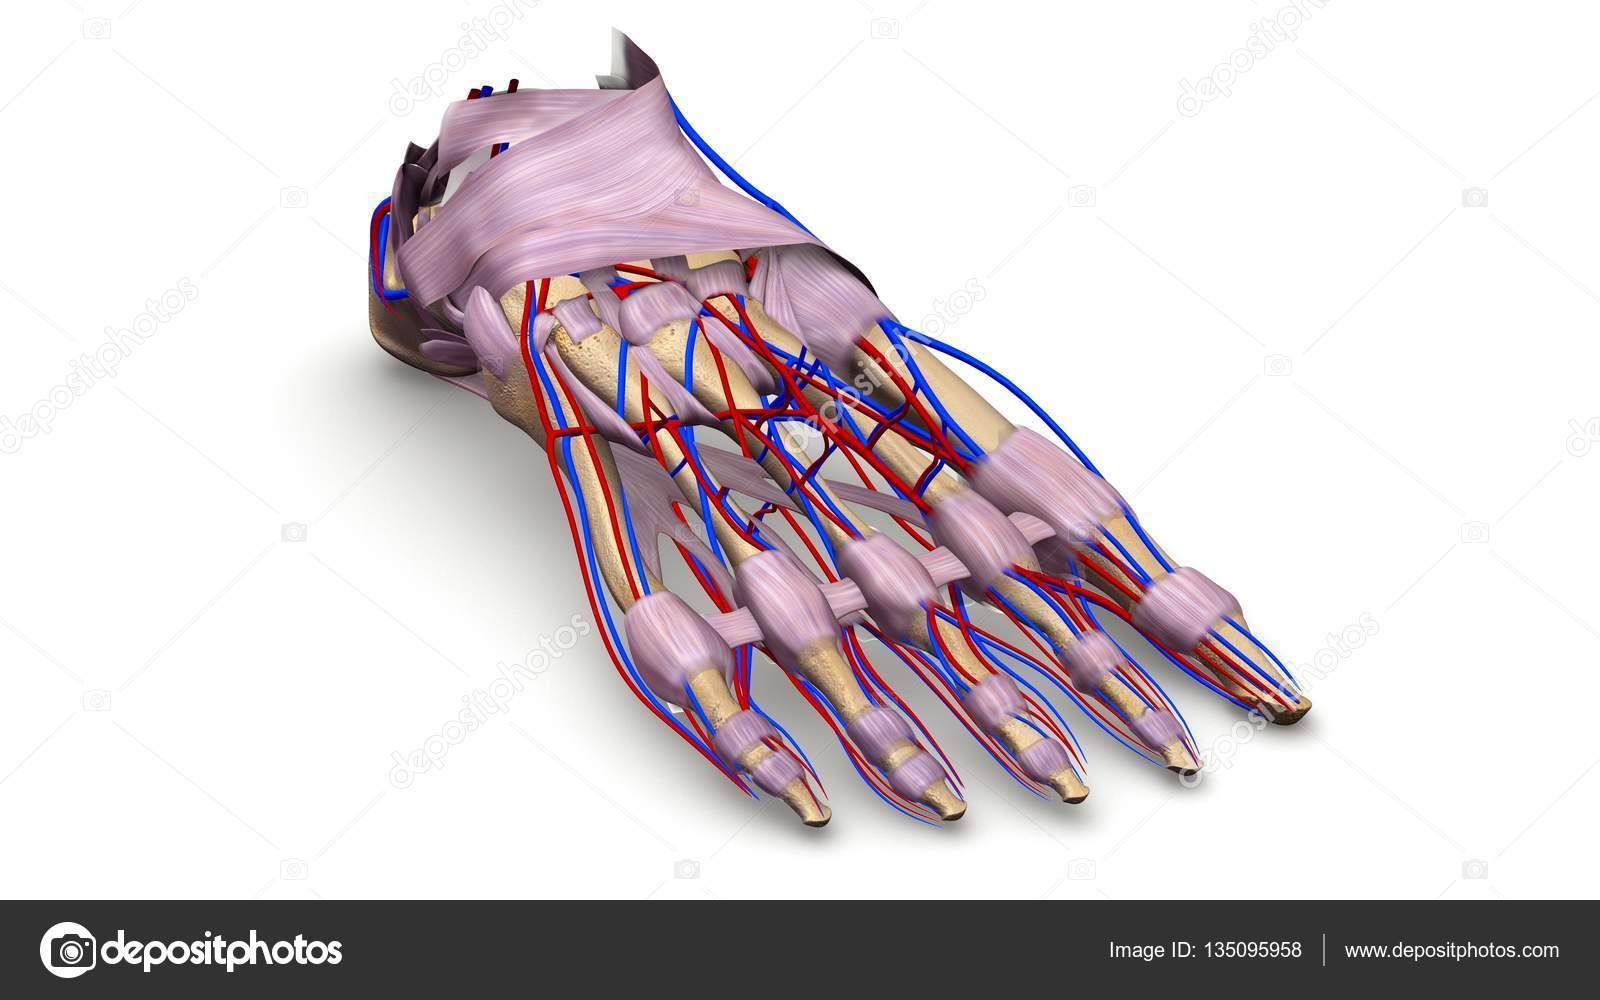 Ilustración 3d de huesos de pie — Foto de stock © sciencepics #135095958